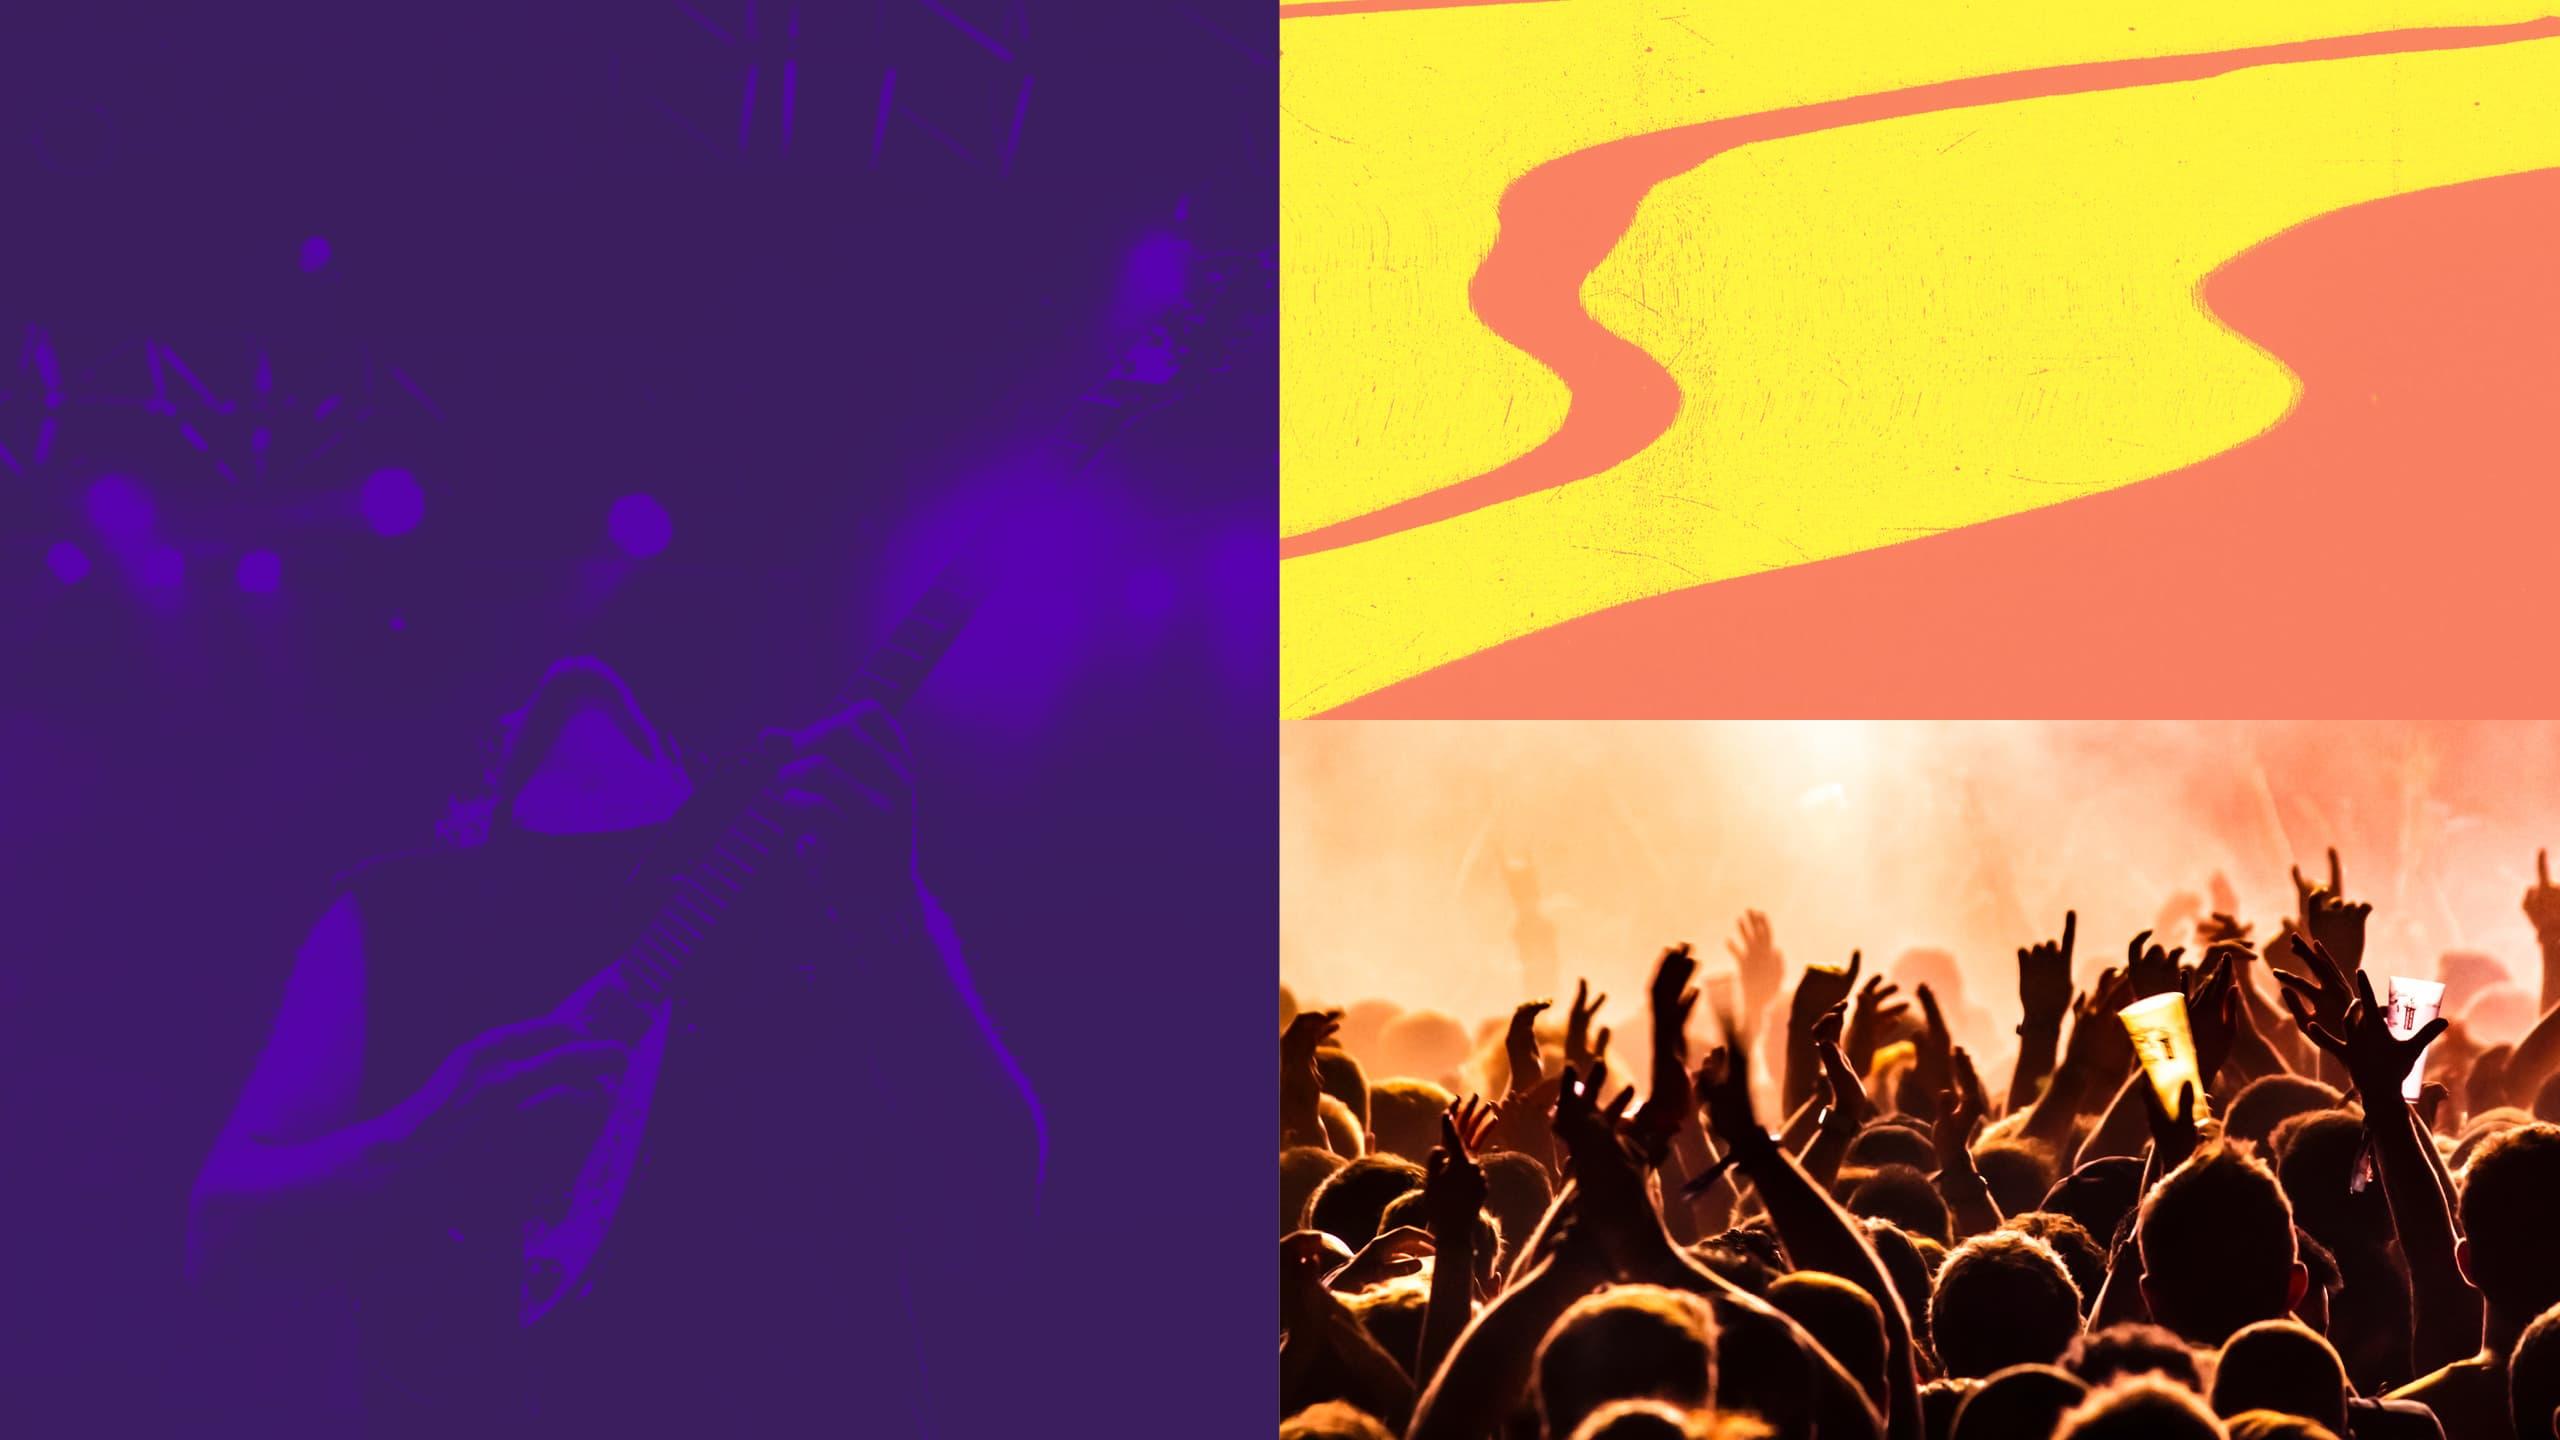 """Photo by <a href=""""https://unsplash.com/@tijsvl?utm_source=unsplash&utm_medium=referral&utm_content=creditCopyText"""">Tijs van Leur</a> on <a href=""""https://unsplash.com/s/photos/concert?utm_source=unsplash&utm_medium=referral&utm_content=creditCopyText"""">Unsplash</a>"""